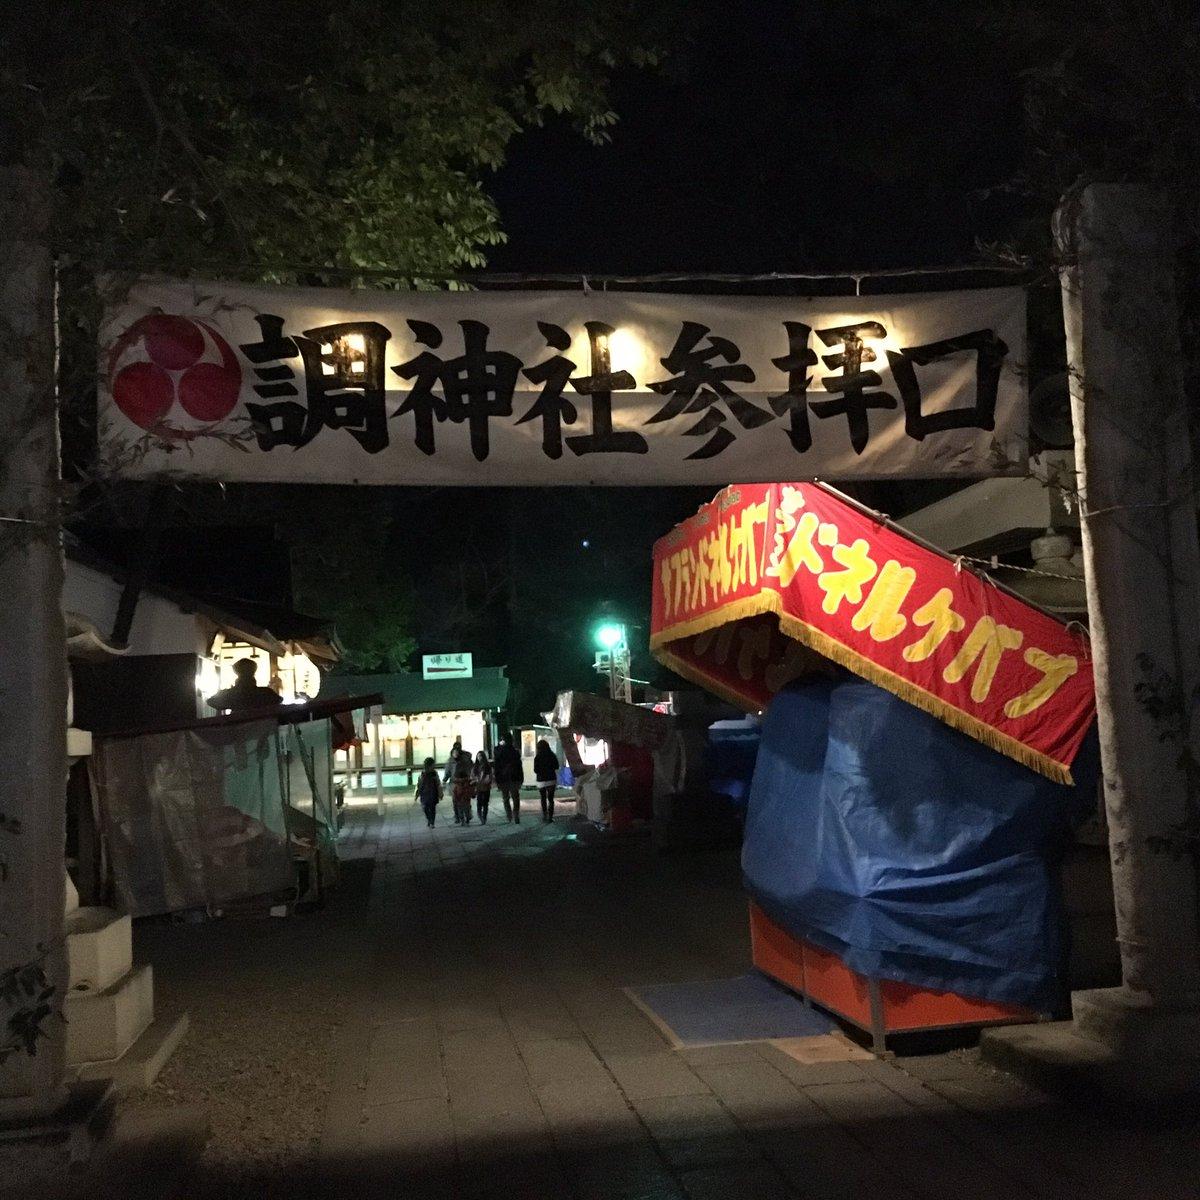 あけましておめでとうございます!虹会仲間と浦和の調ちゃんの舞台にもなった調神社へ初詣に行ってきたよ!i☆Risの飛躍と